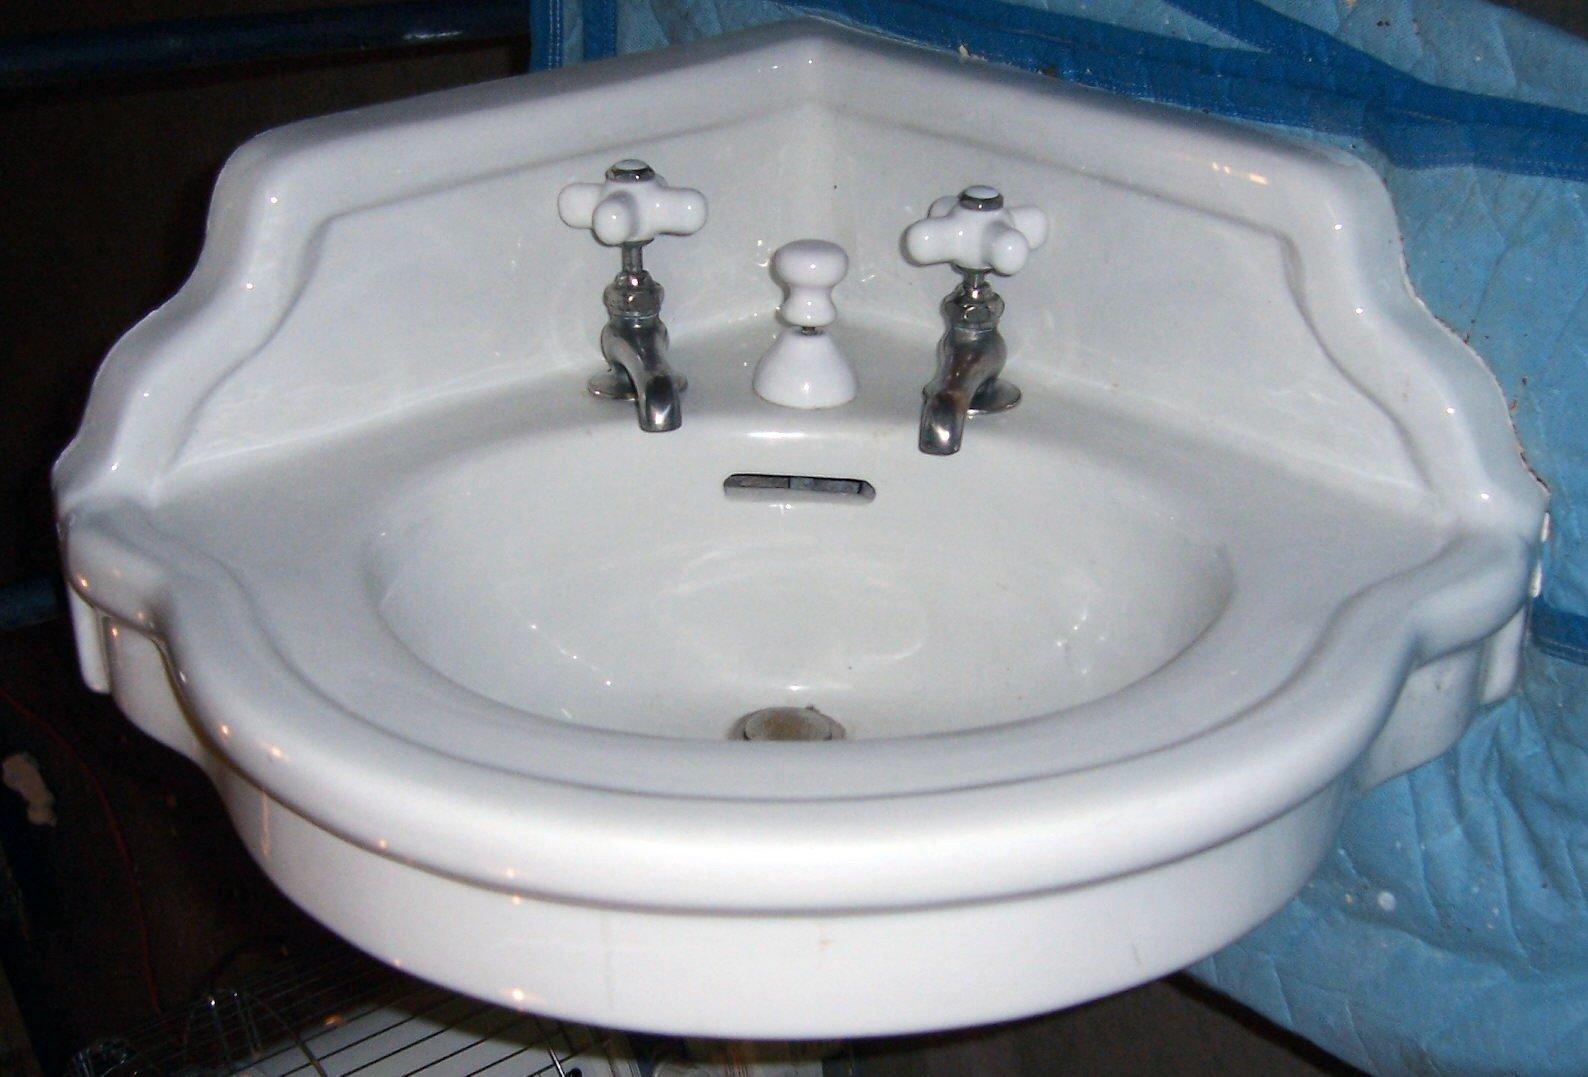 ... Vintage Bathroom Vanity Elegant Antique Bathroom Sinks Vintage Antique